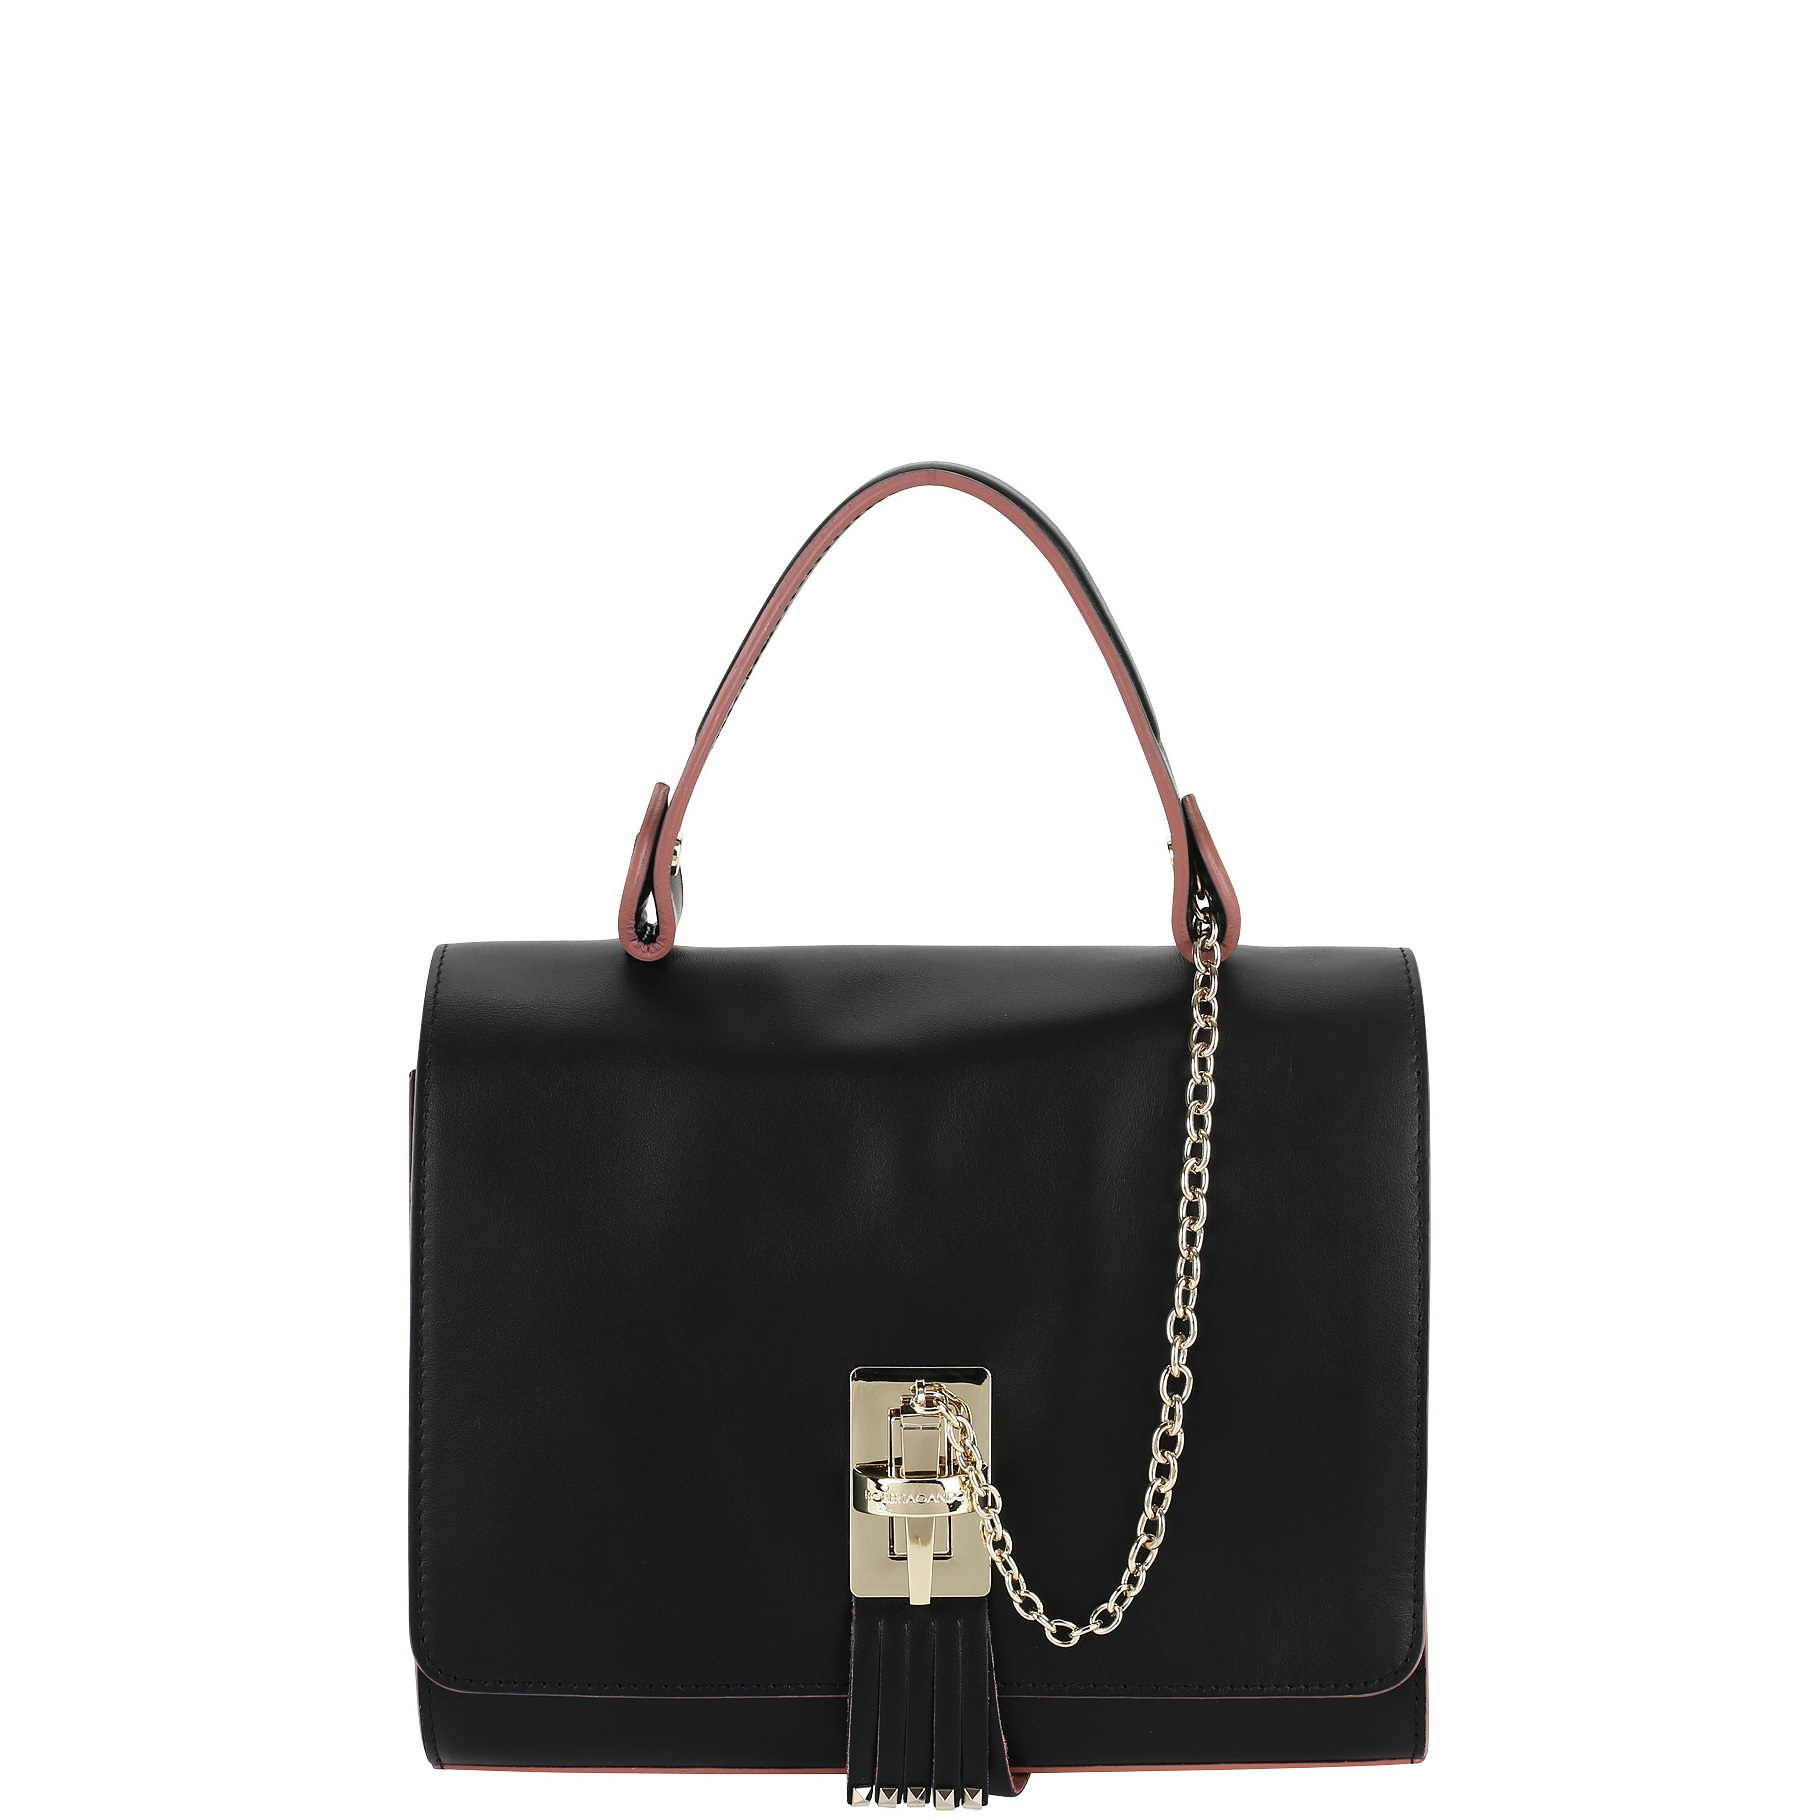 0b23fd3d7856 Средняя сумка Roberta Gandolfi 7060 черный - цена 22000 руб, купить